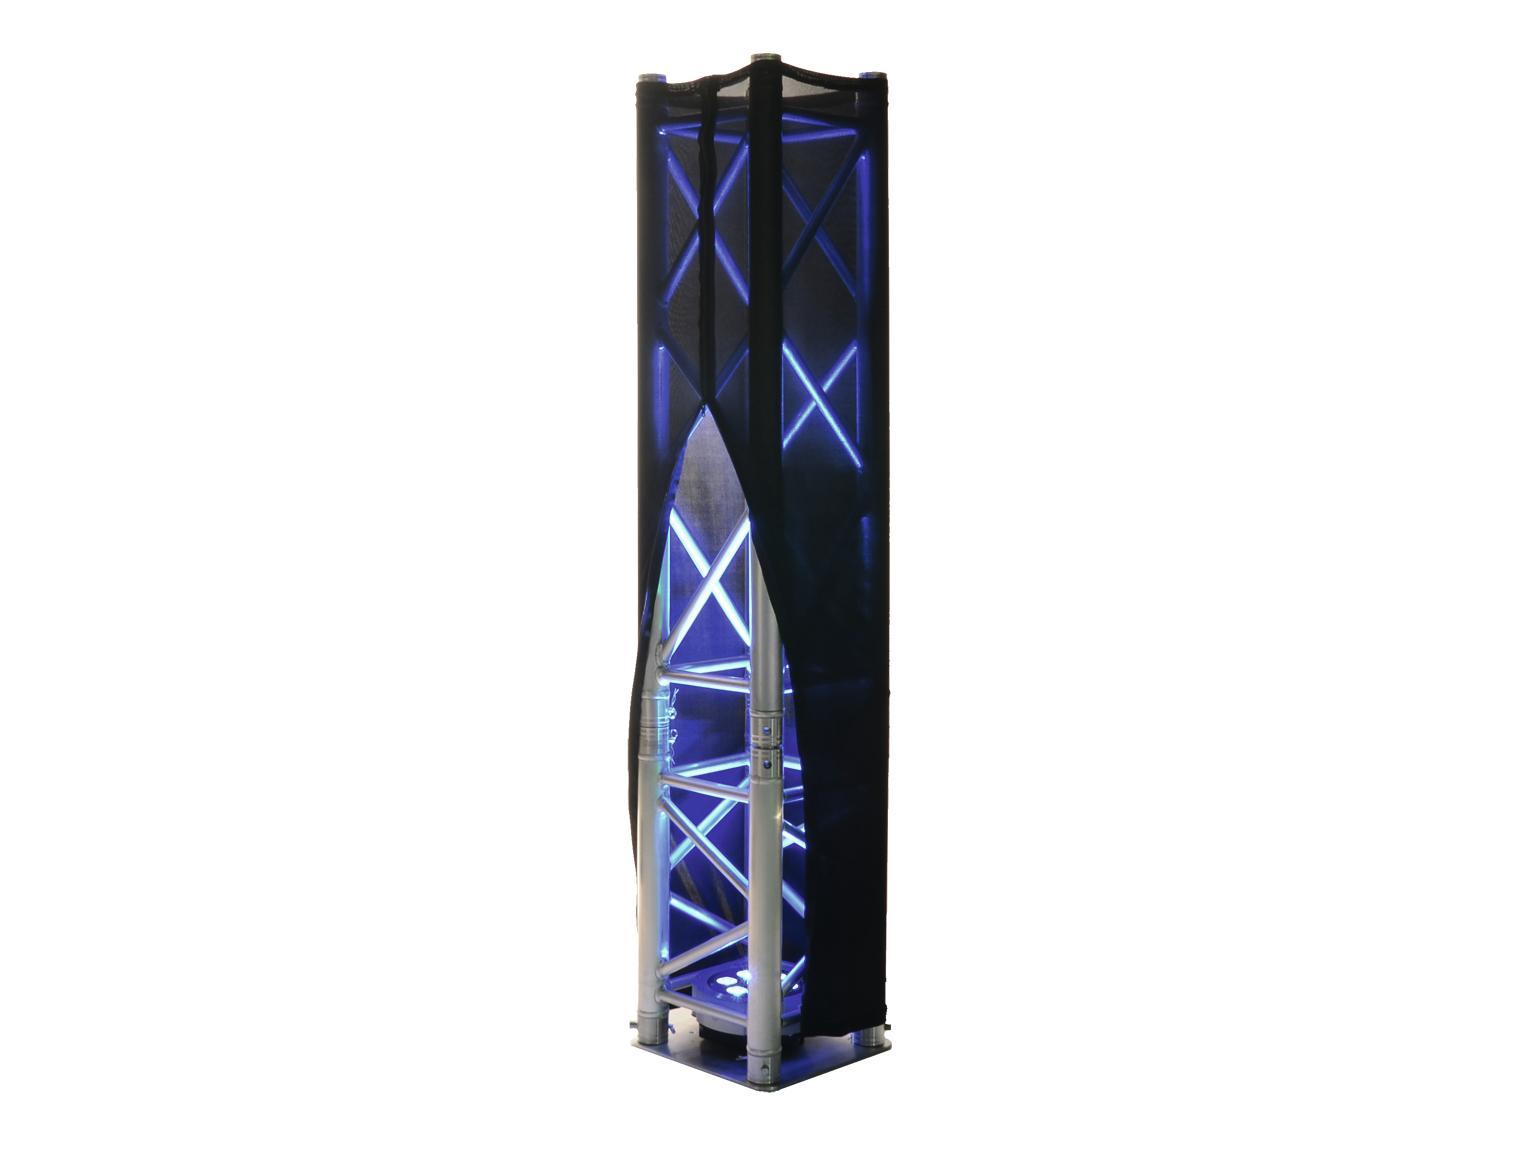 ESPANDERE XPTC10RVW Capriata di copertura 100cm bianco